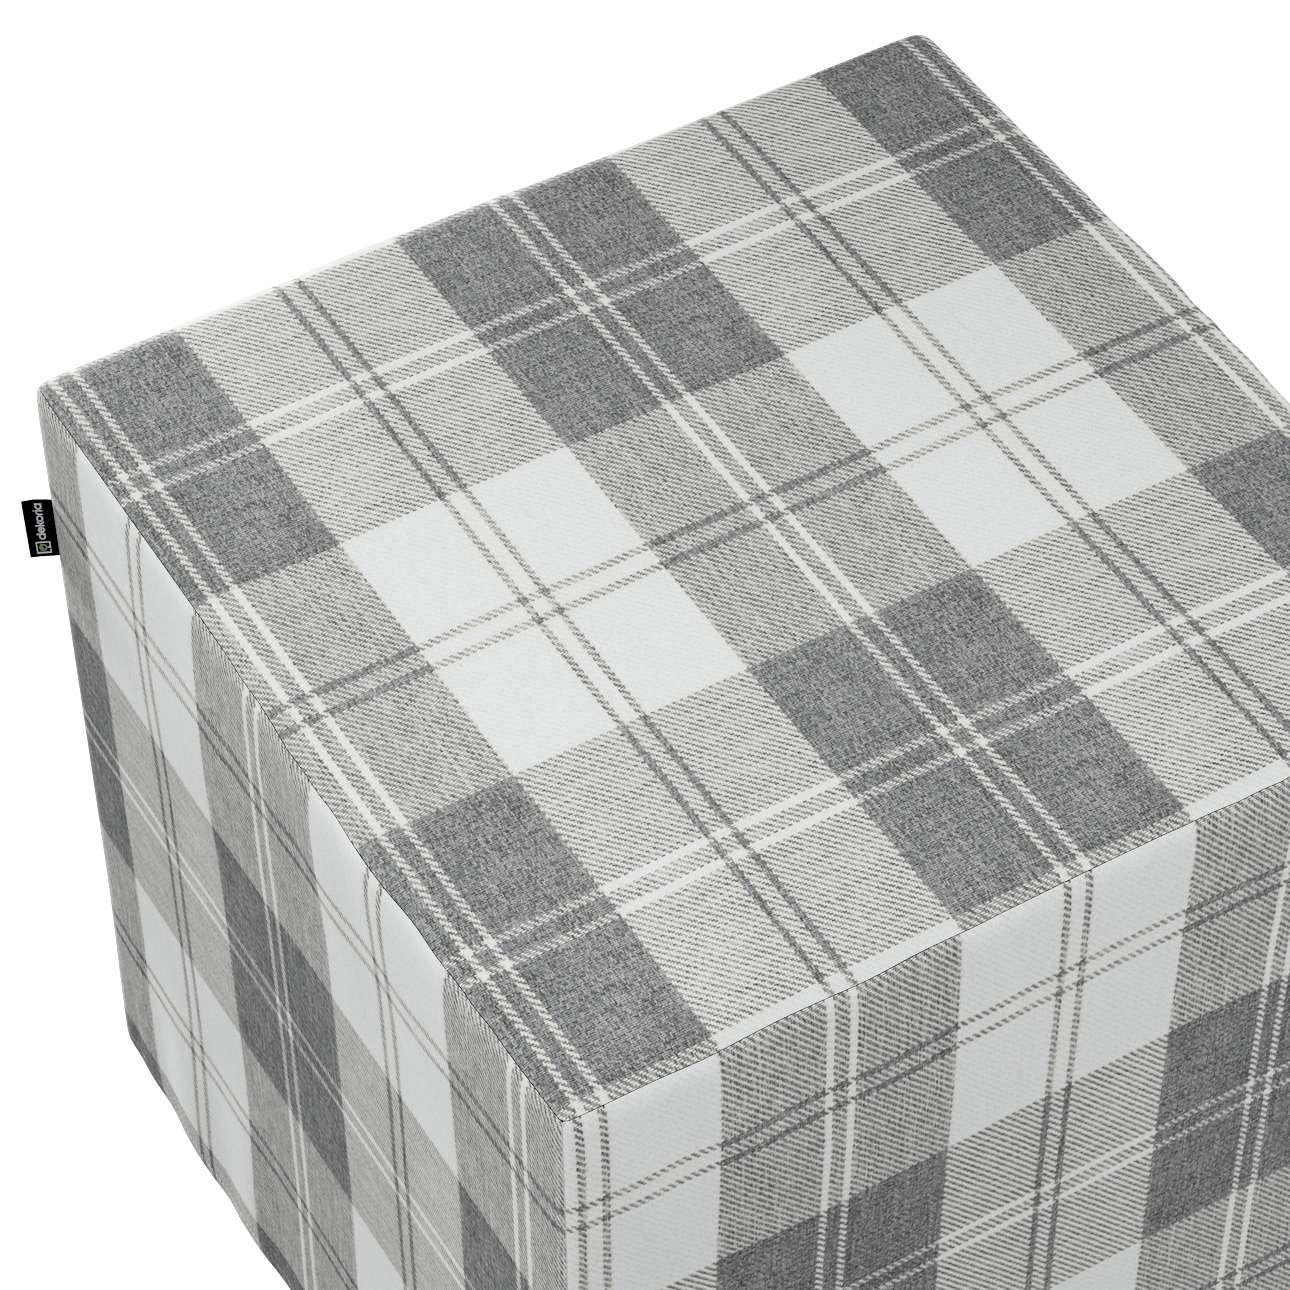 Taburetka tvrdá, kocka V kolekcii Edinburg, tkanina: 115-79